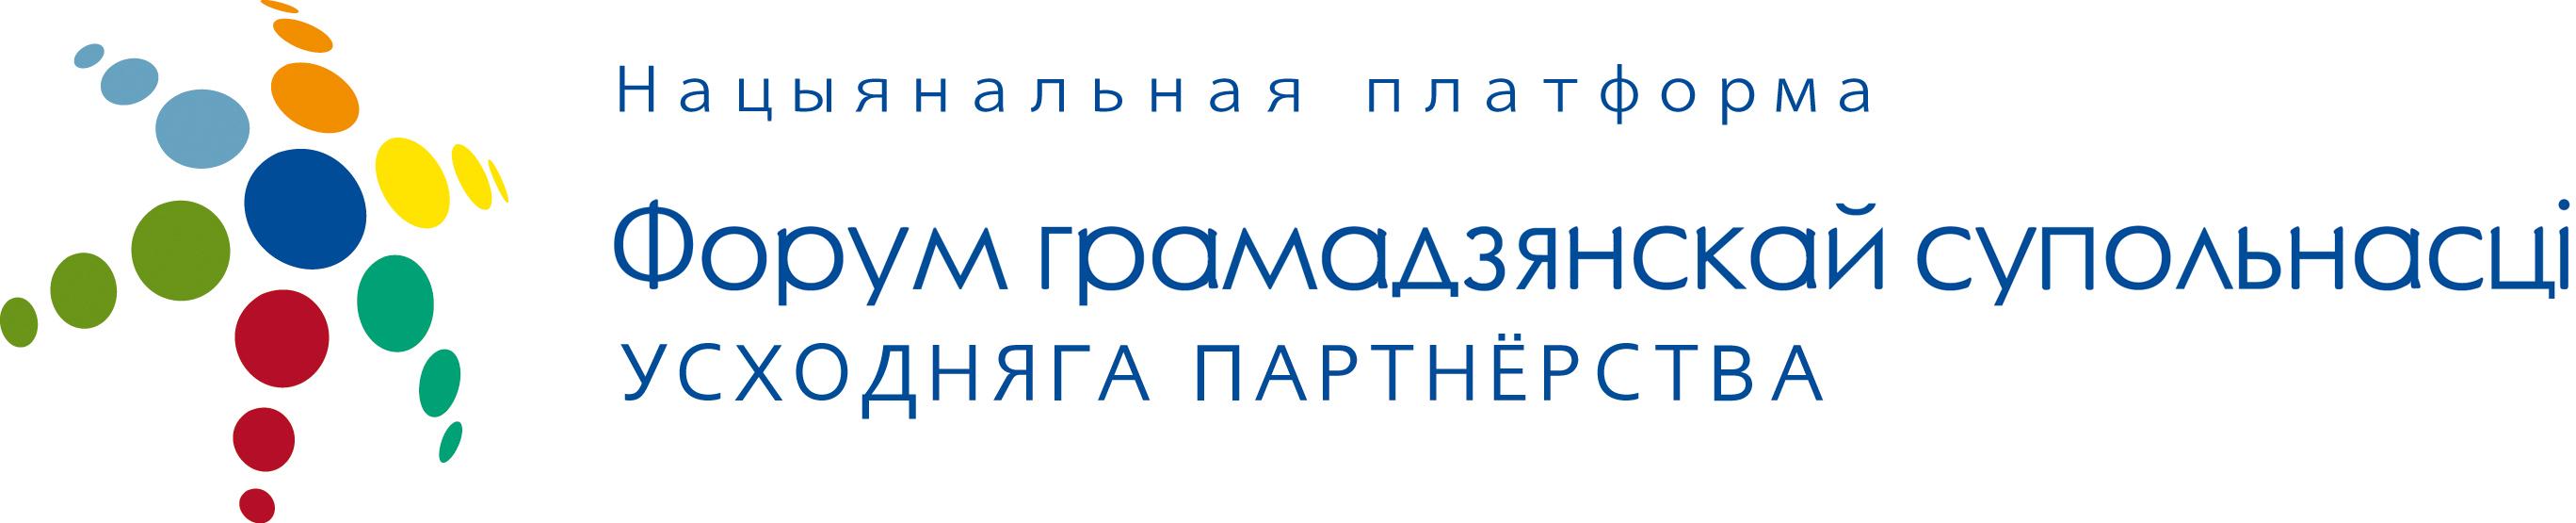 Резолюция Приоритеты в улучшении среды для деятельности гражданского общества в Беларуси